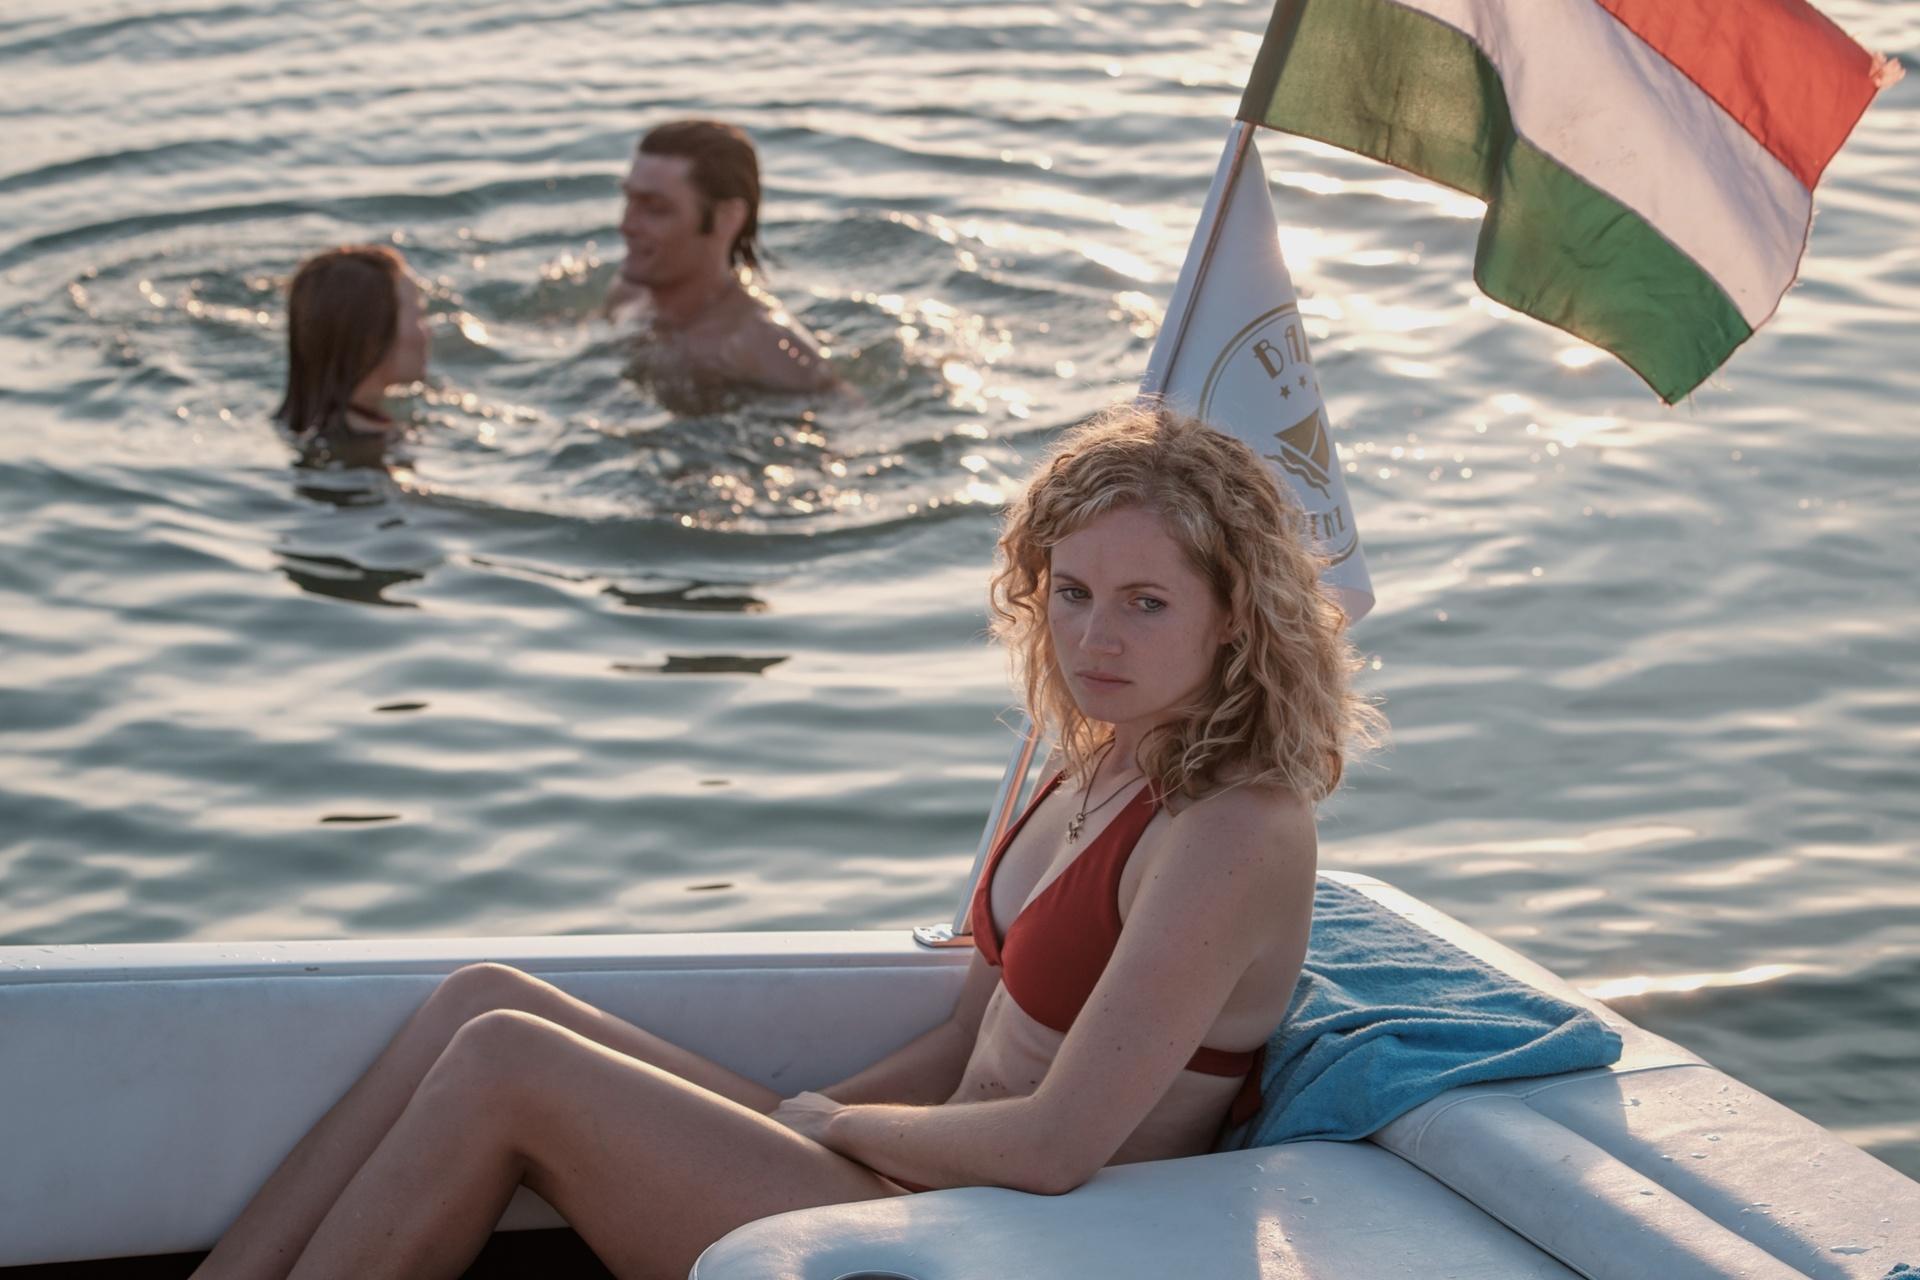 Maja (Sonja Gerhardt, l.) und Tamás (Stipe Erceg, M.) vergnügen sich im Wasser, während Catrin (Cornelia Gröschel, r.) betreten im Boot sitzen bleibt.